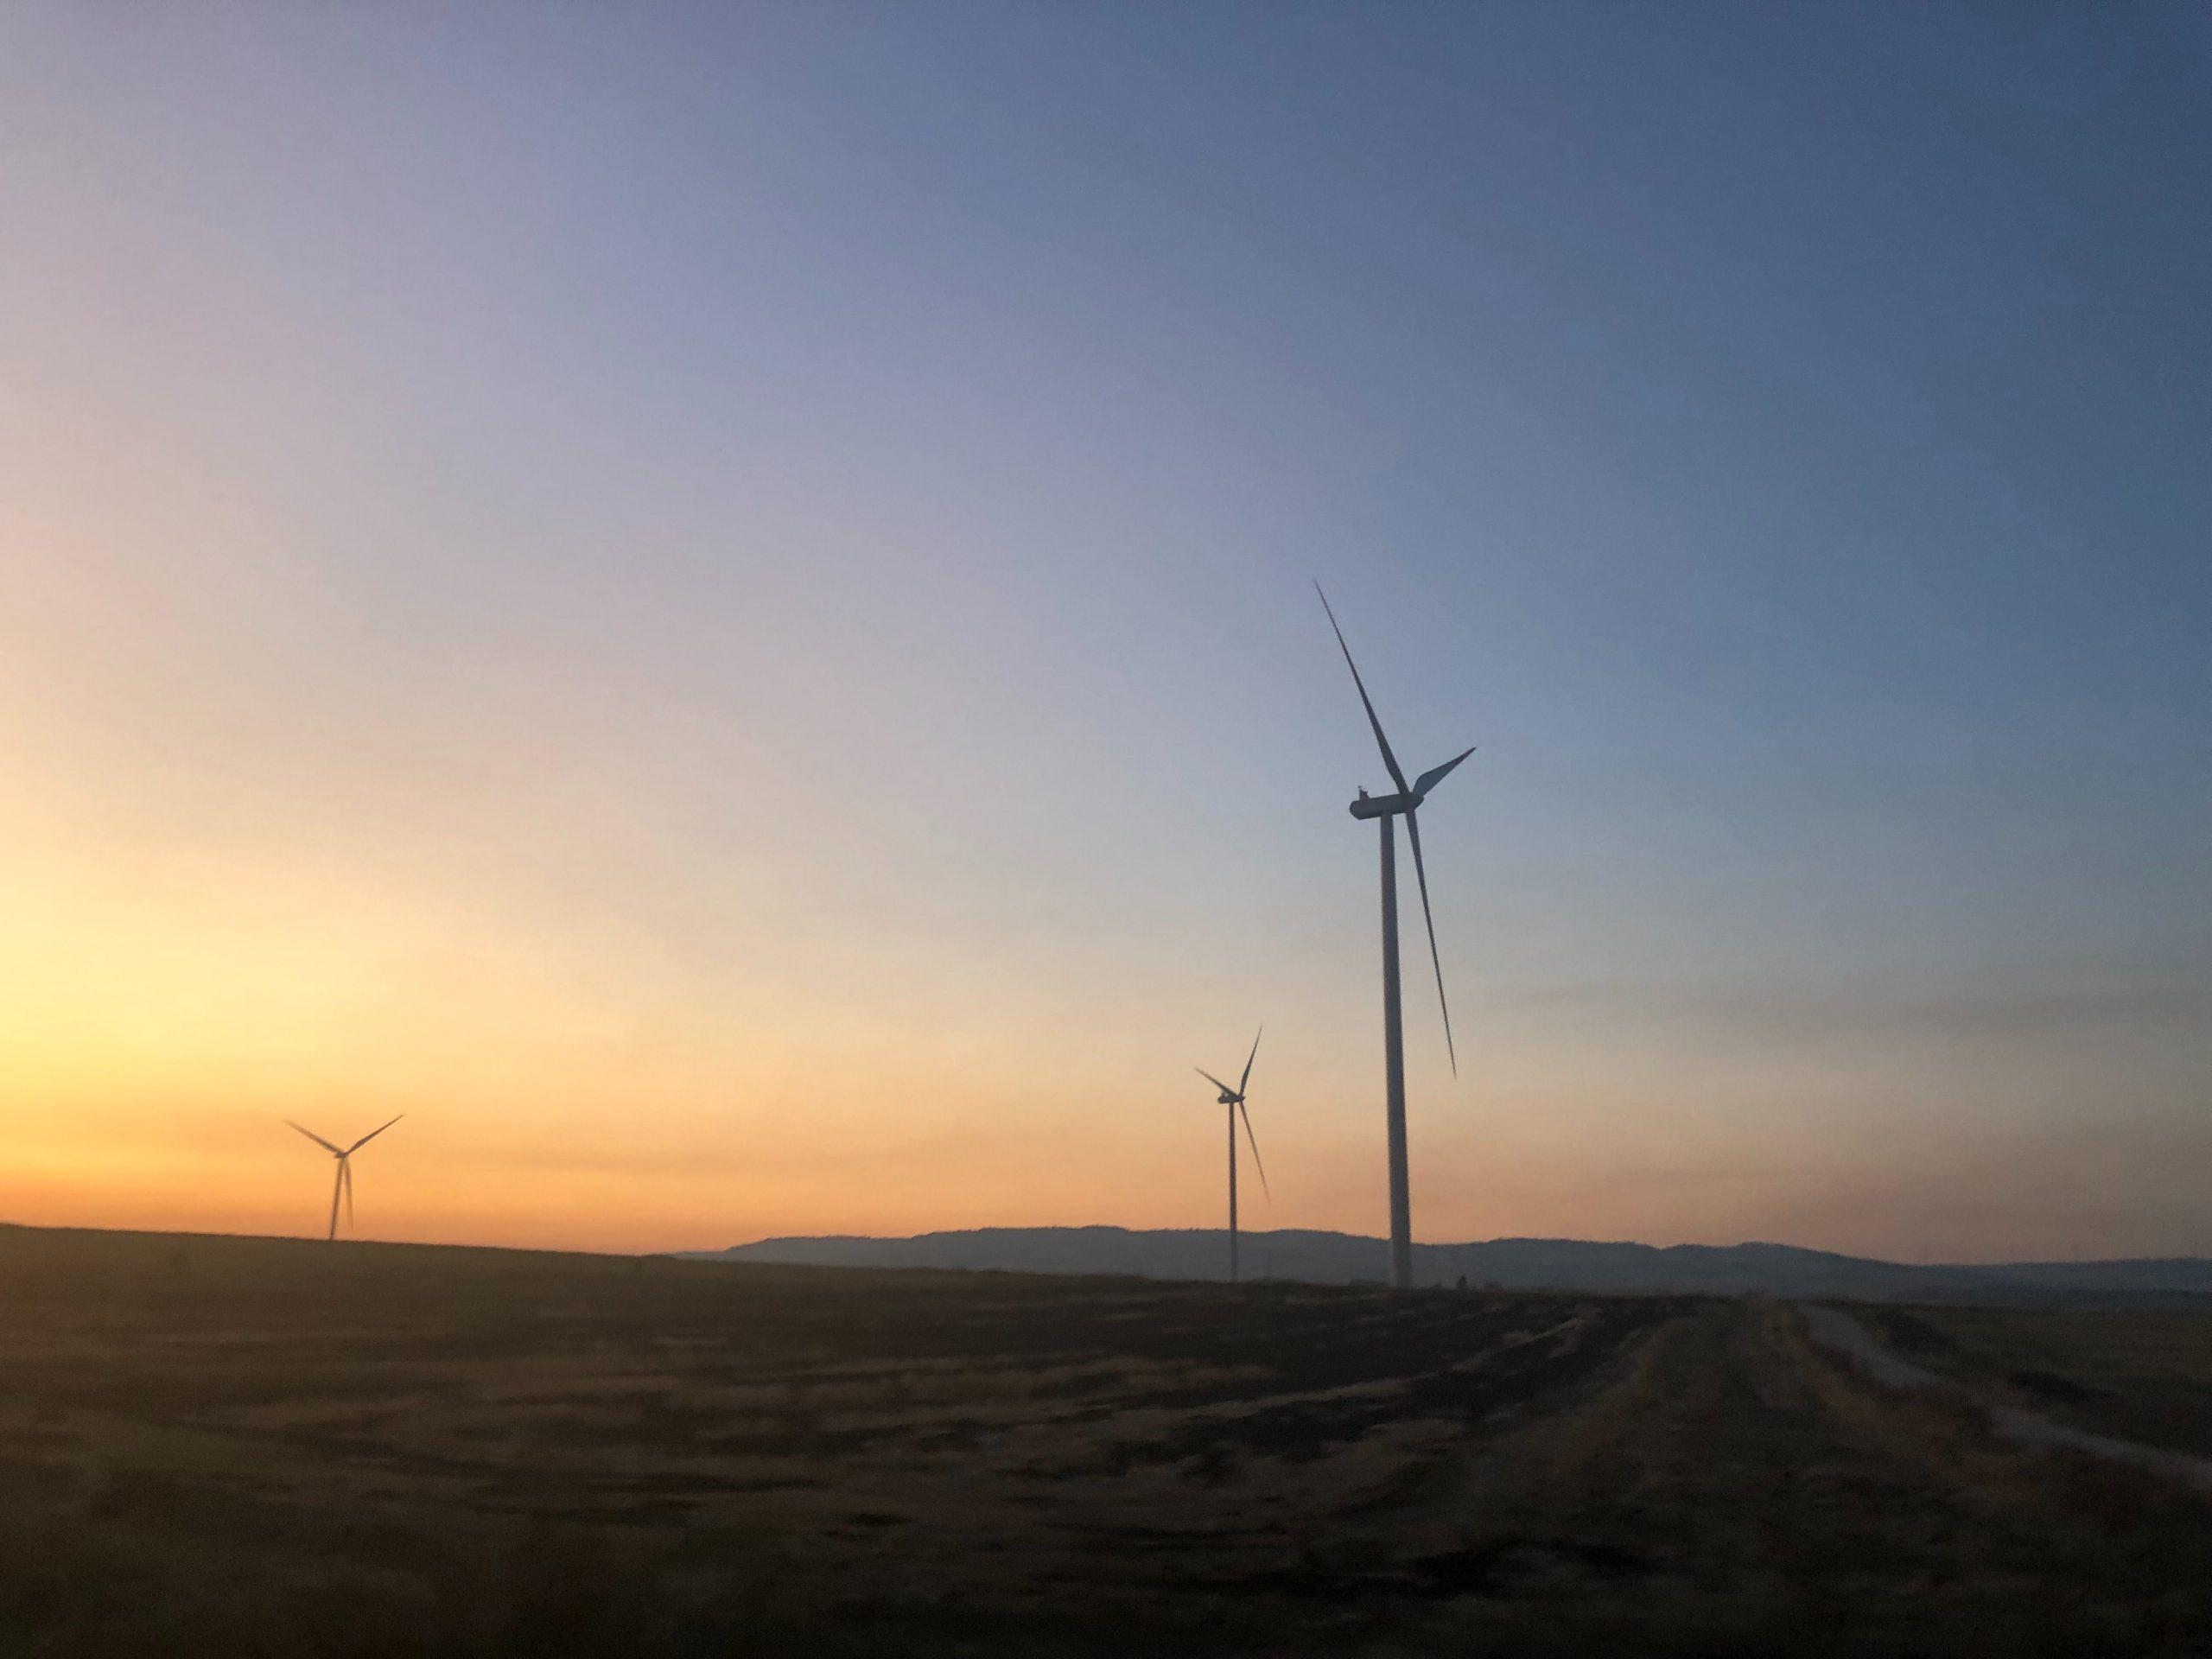 Soirée bruit et santé en lien avec l'éolien